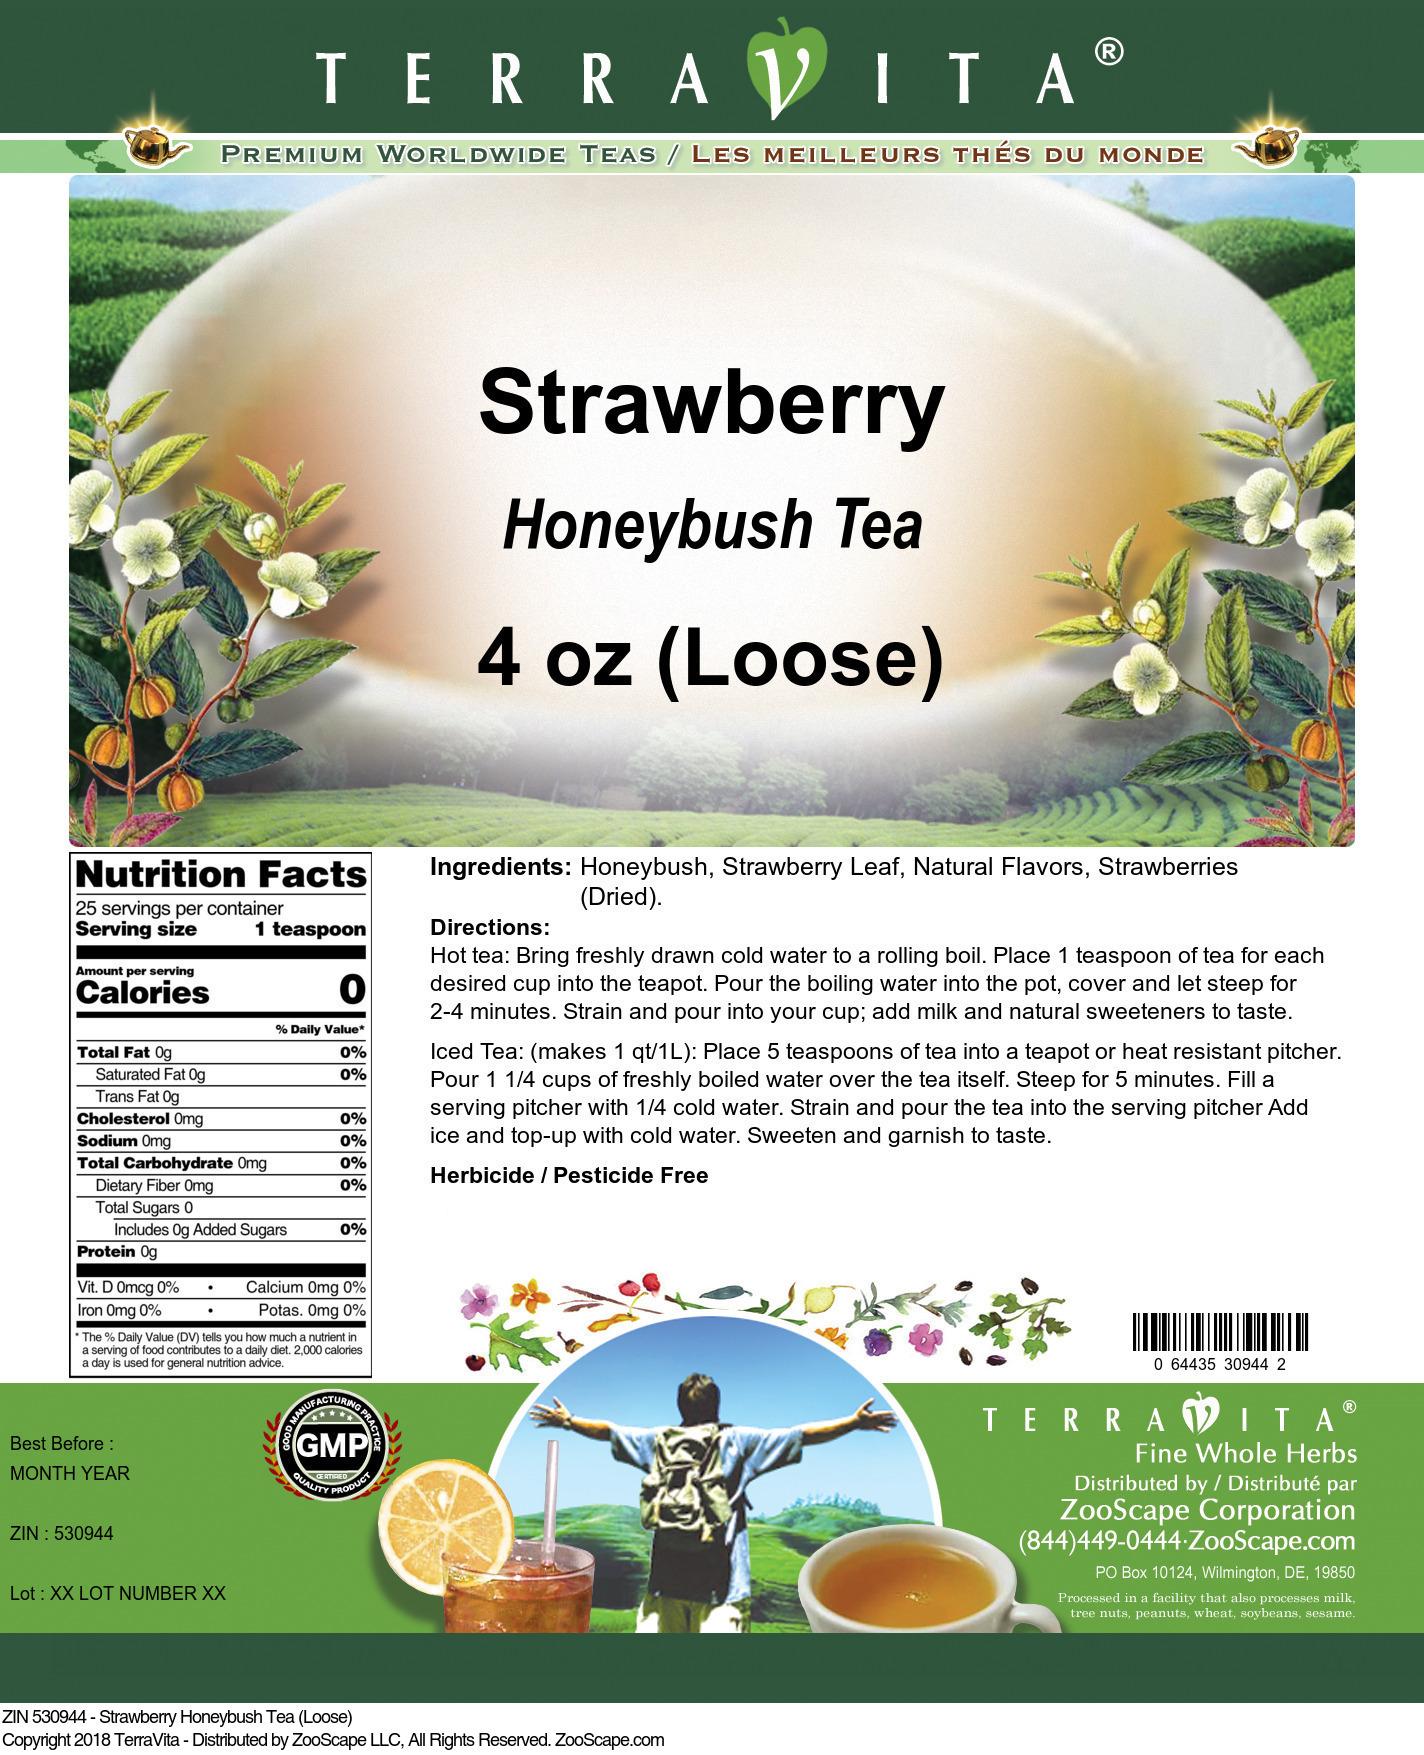 Strawberry Honeybush Tea